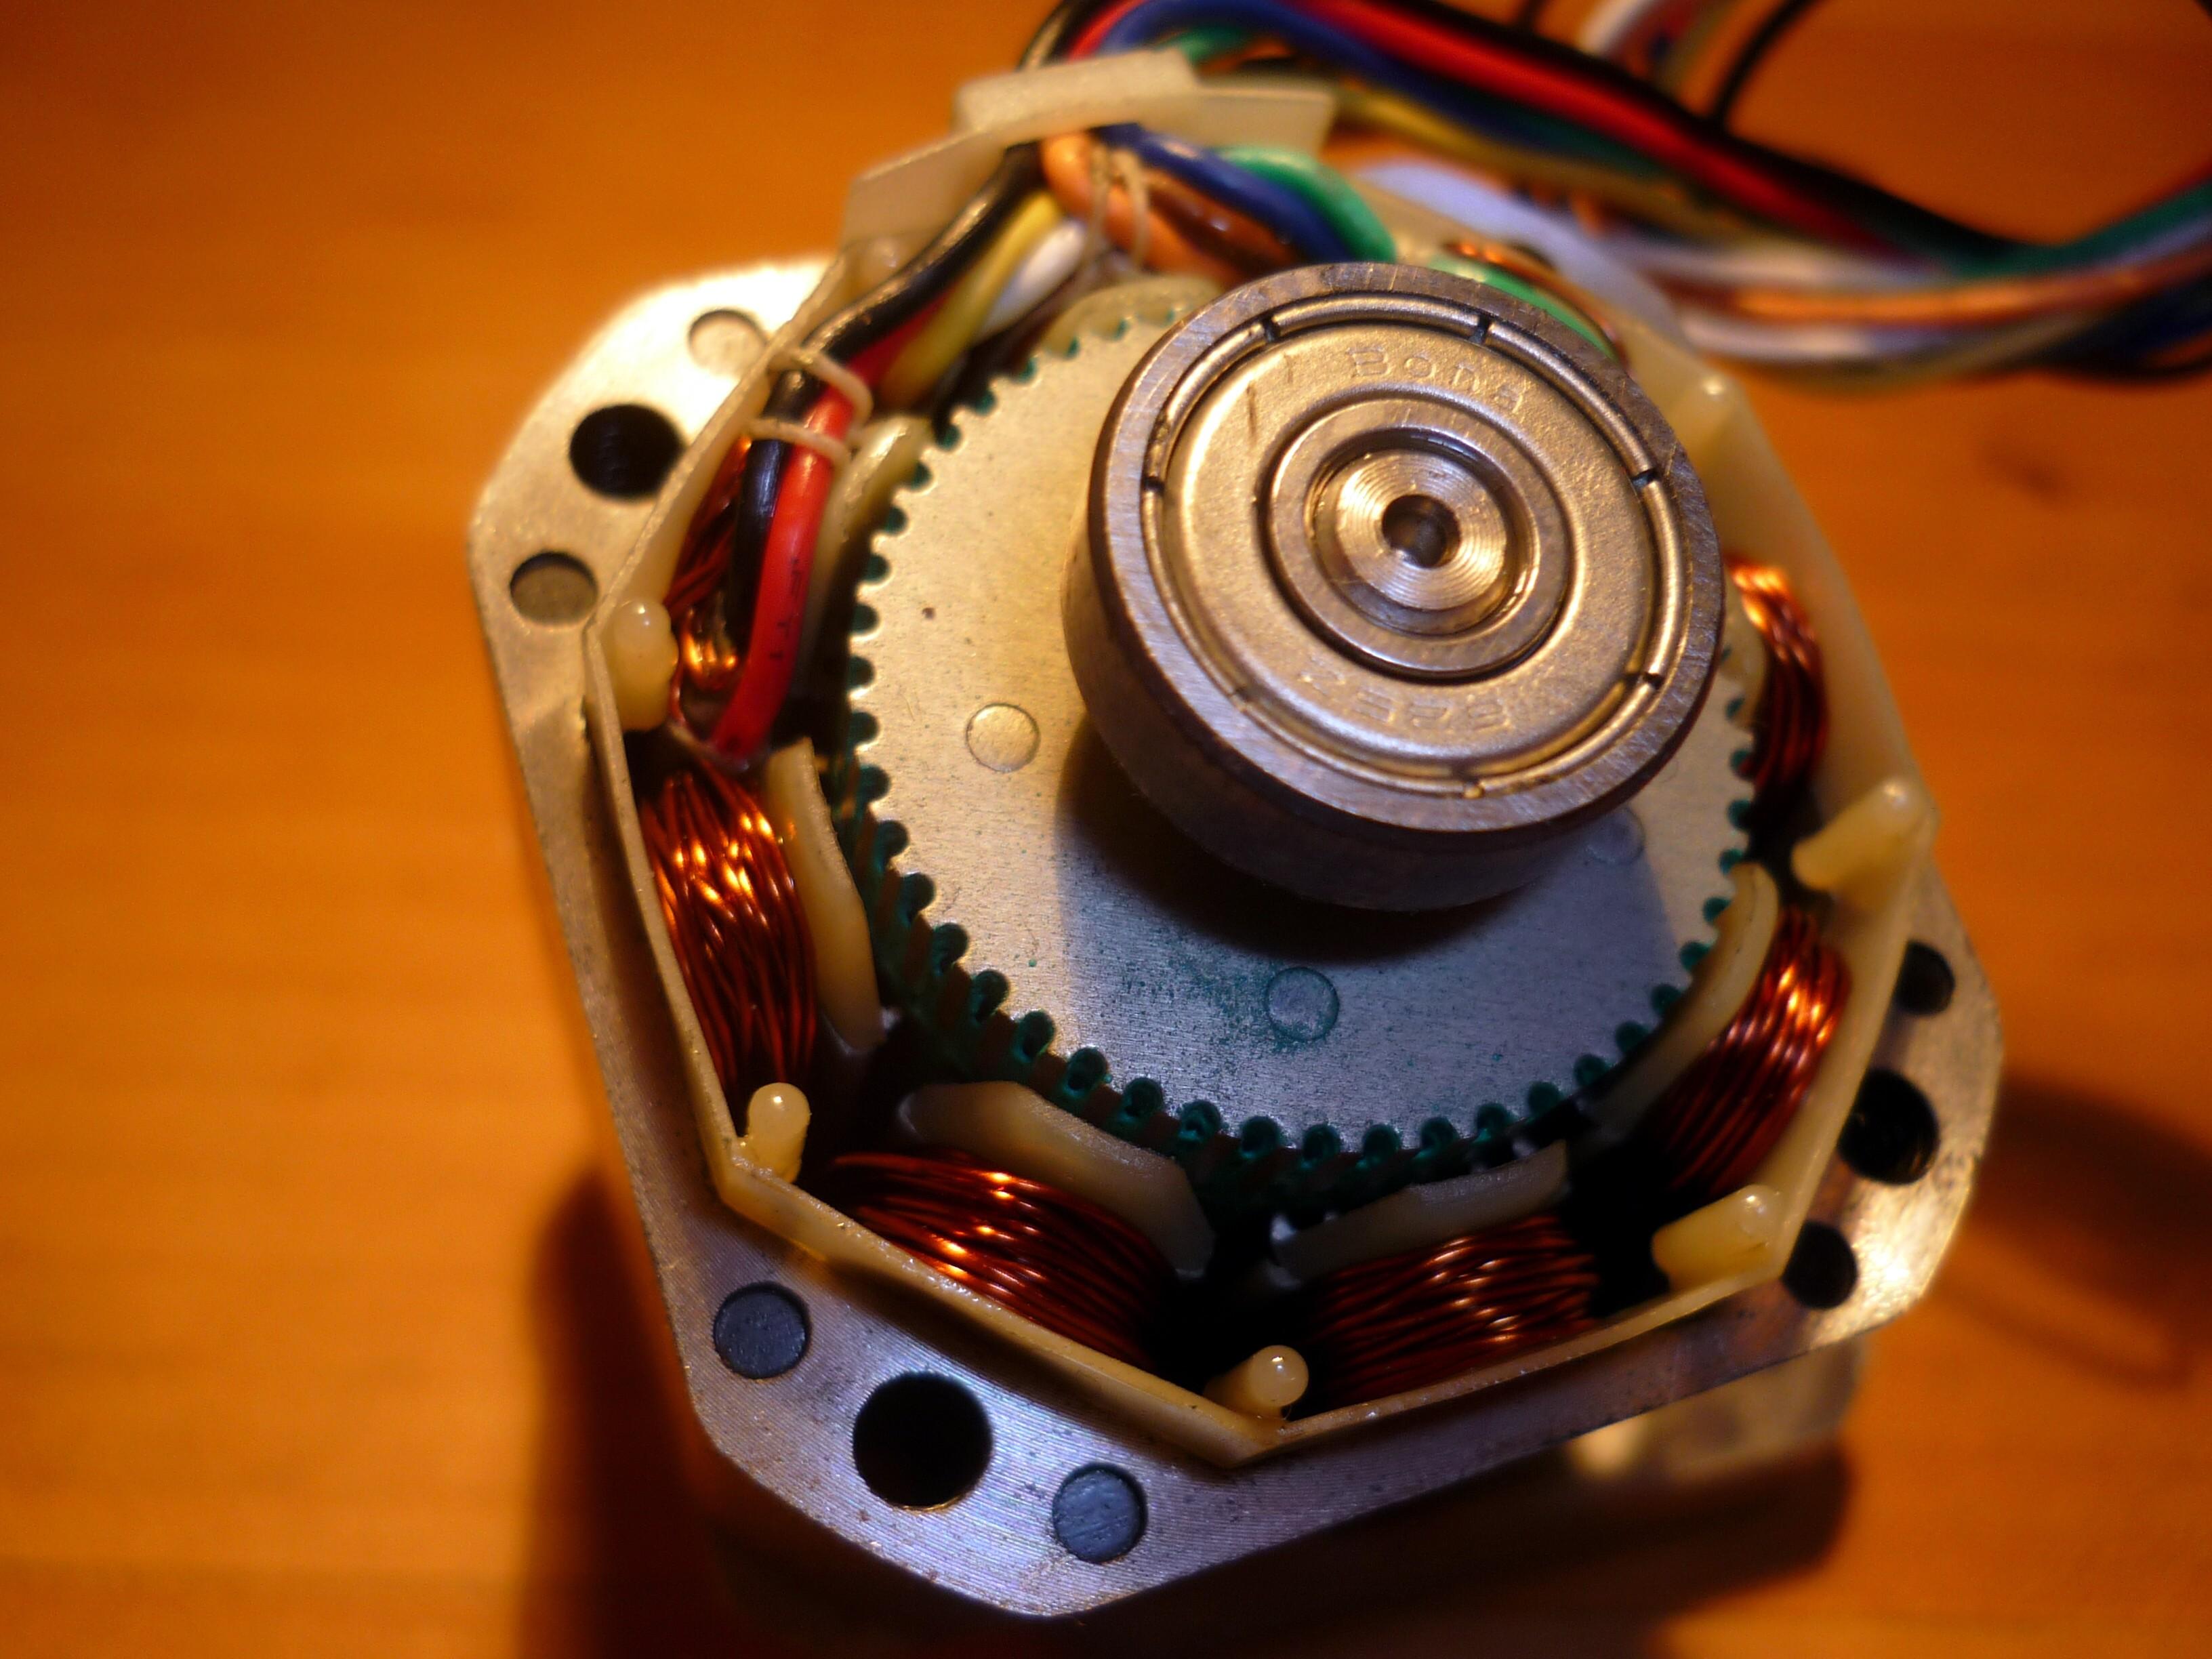 File:Stepper motor.jpg - Wikimedia Commons